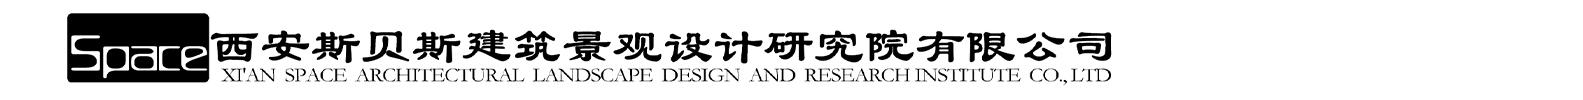 西安斯贝斯园林景观设计有限公司_Logo